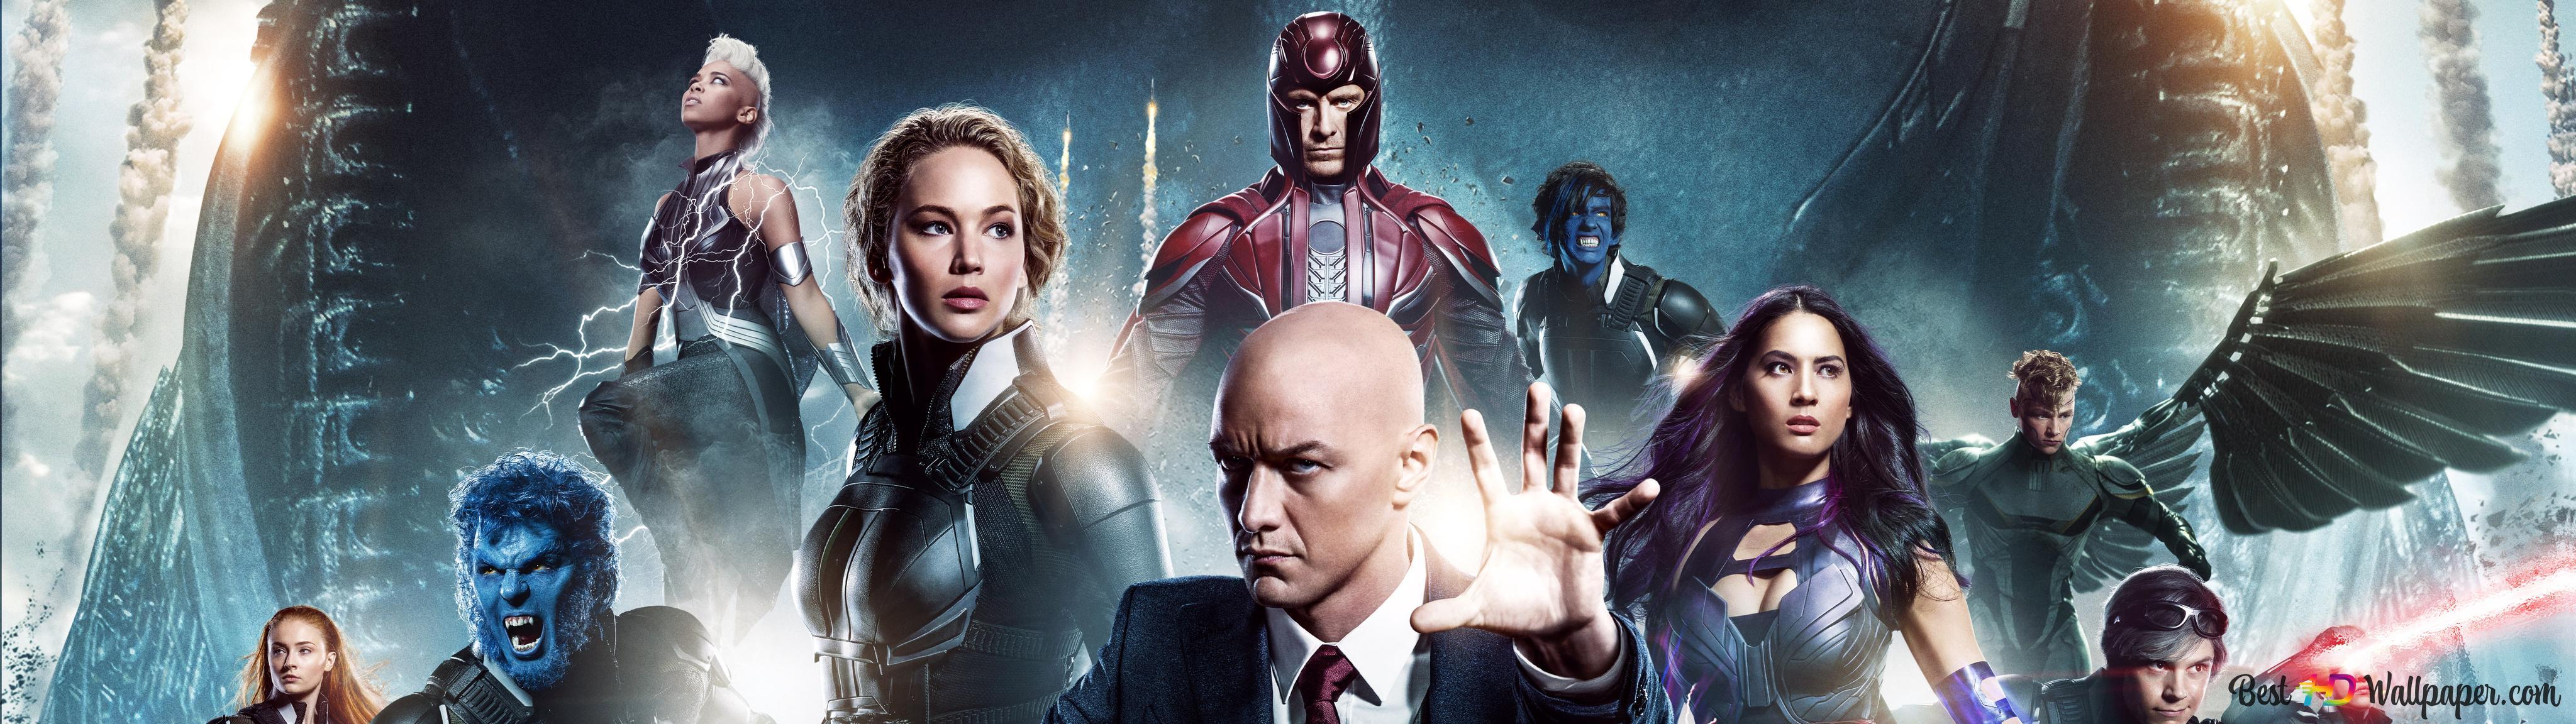 X Men Apocalypse Hd Wallpaper Download